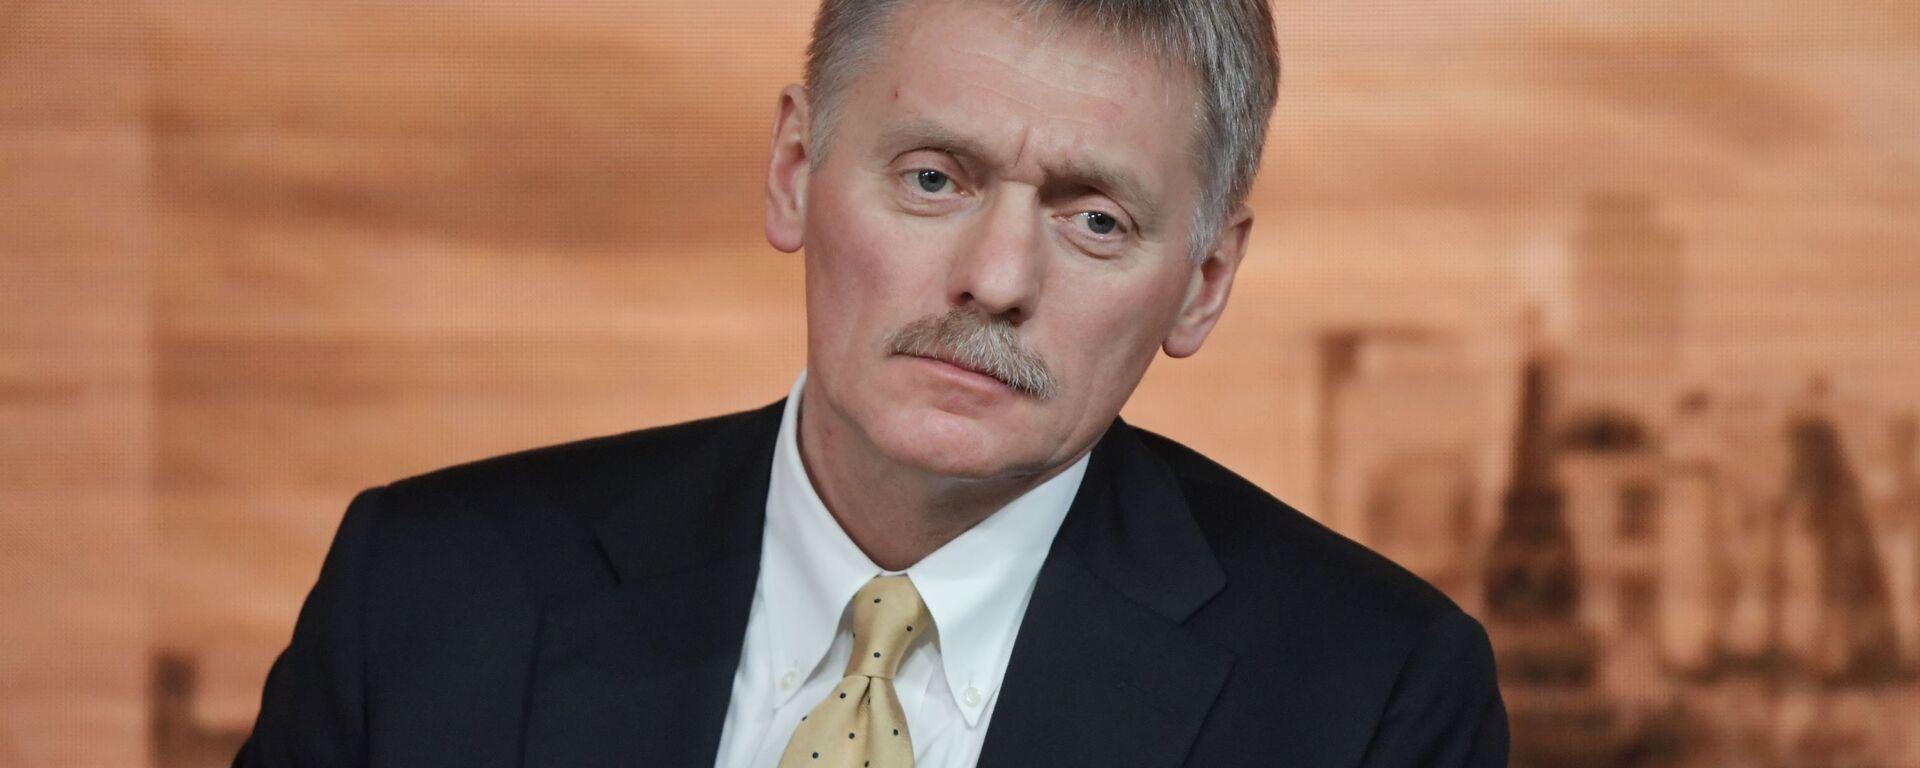 Пресс-секретарь президента РФ Дмитрий Песков  - Sputnik Грузия, 1920, 22.09.2021